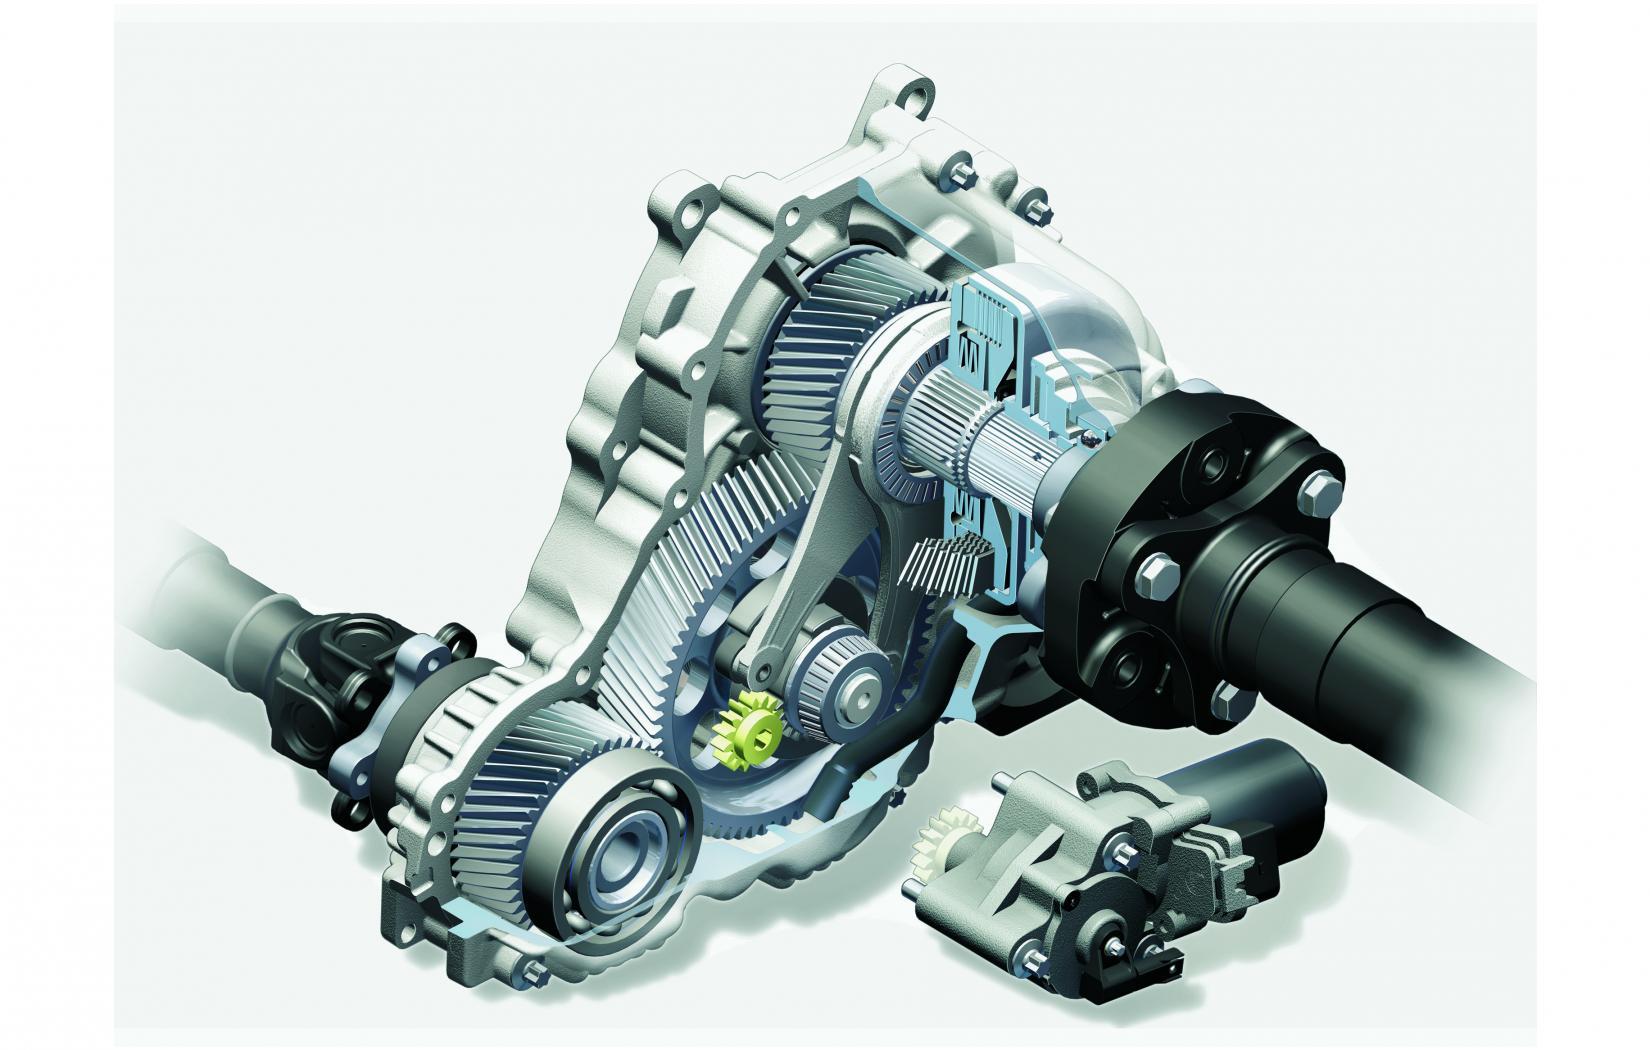 Boite-de-transfert-BMW-X3-8.jpeg